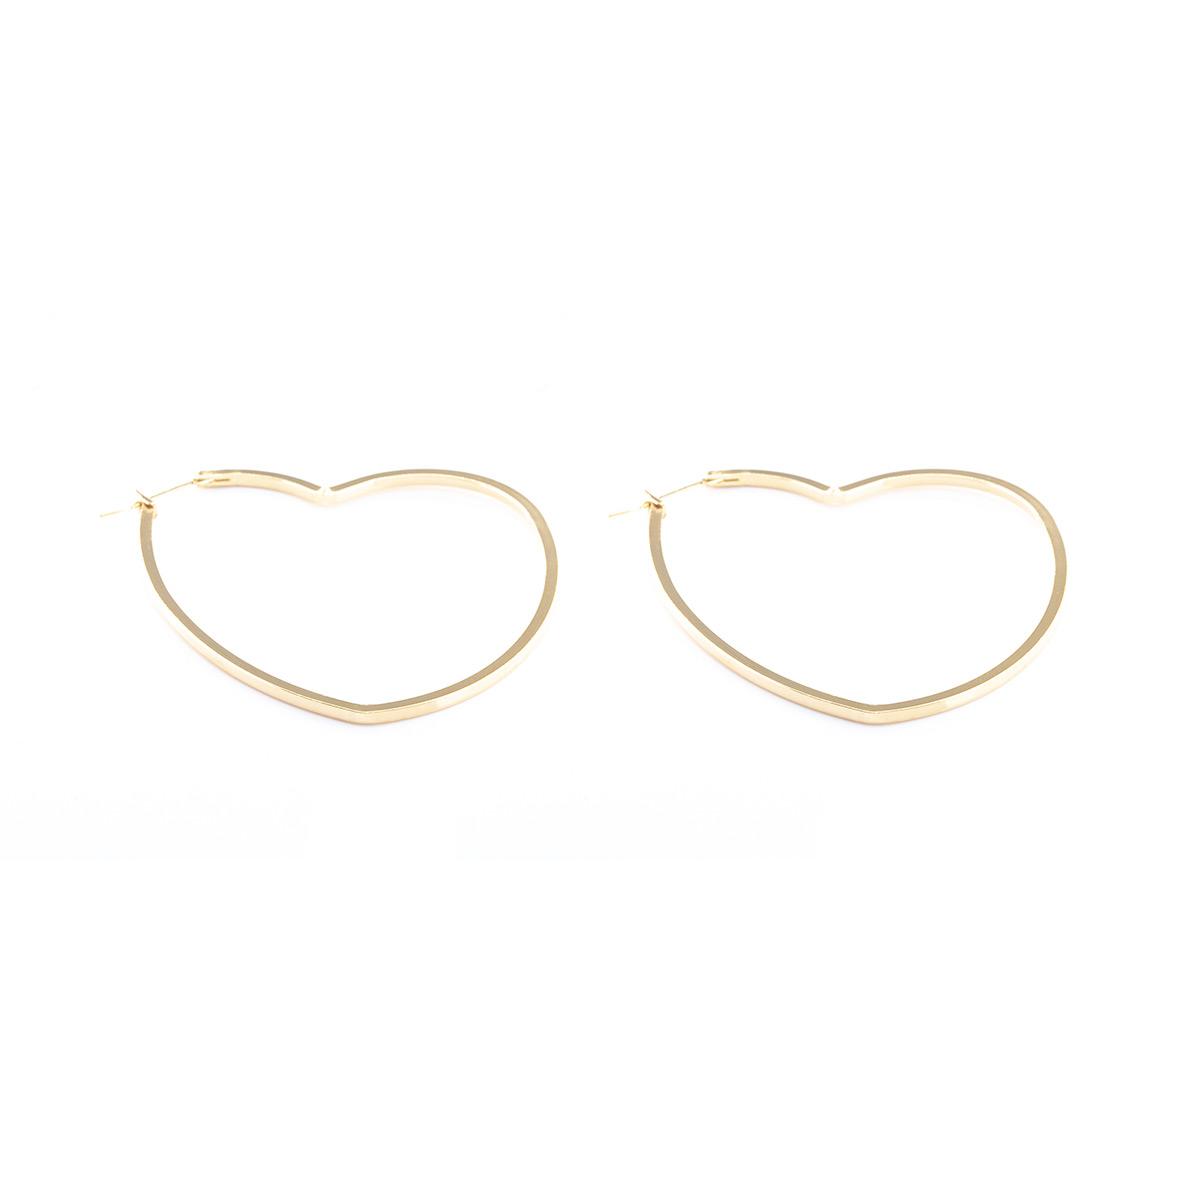 Ohrringe Herz groß vergoldet